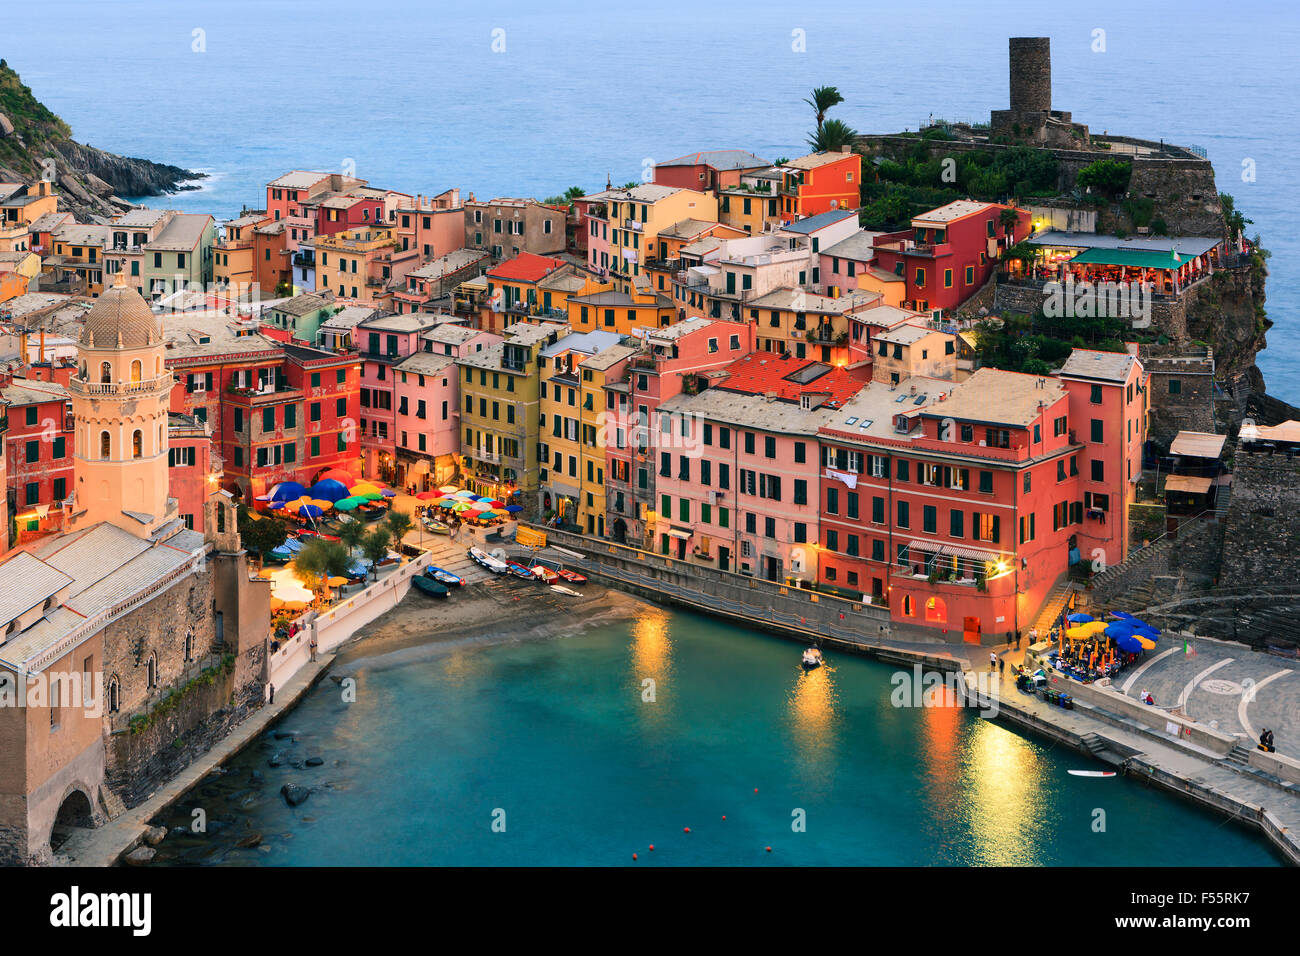 Vernazza (lateinisch: Vulnetia) ist eine Stadt und Gemeinde in der Provinz von La Spezia, Ligurien, nordwestlichen Stockbild